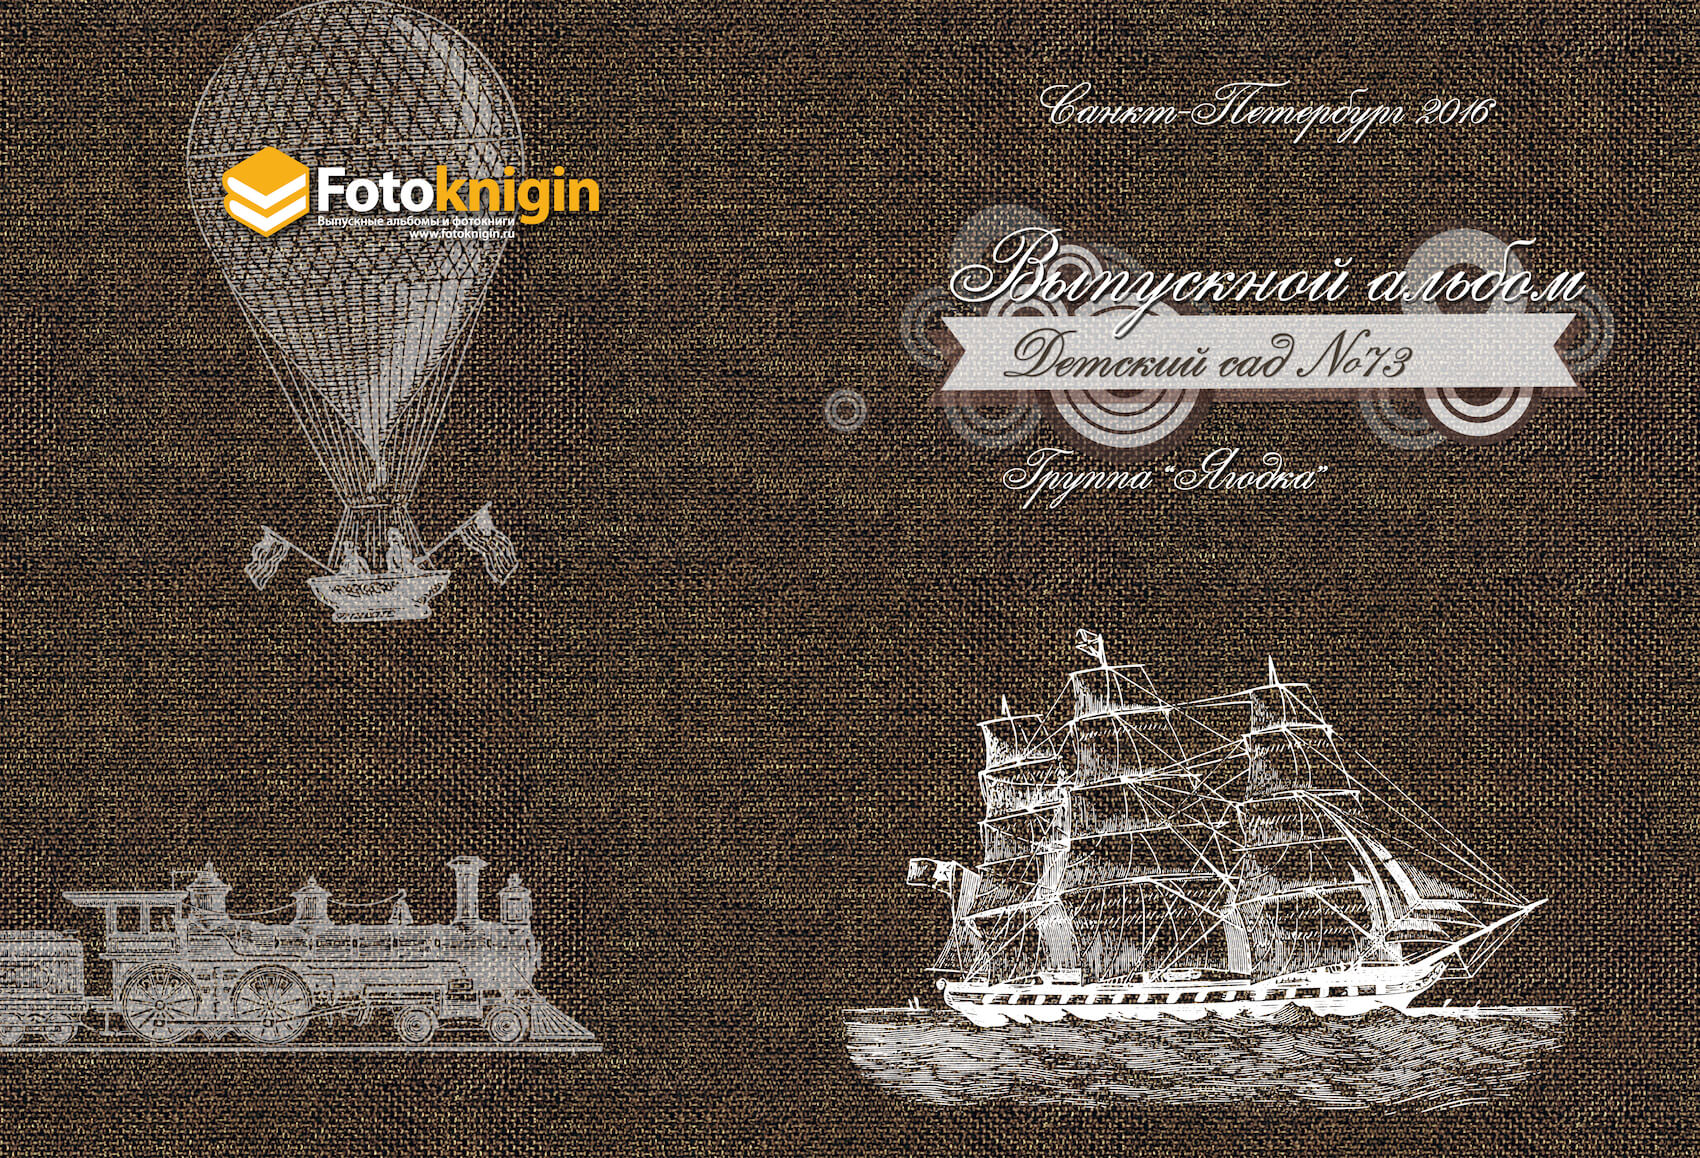 oblozhka_poligraf_razvorot_21x30_12